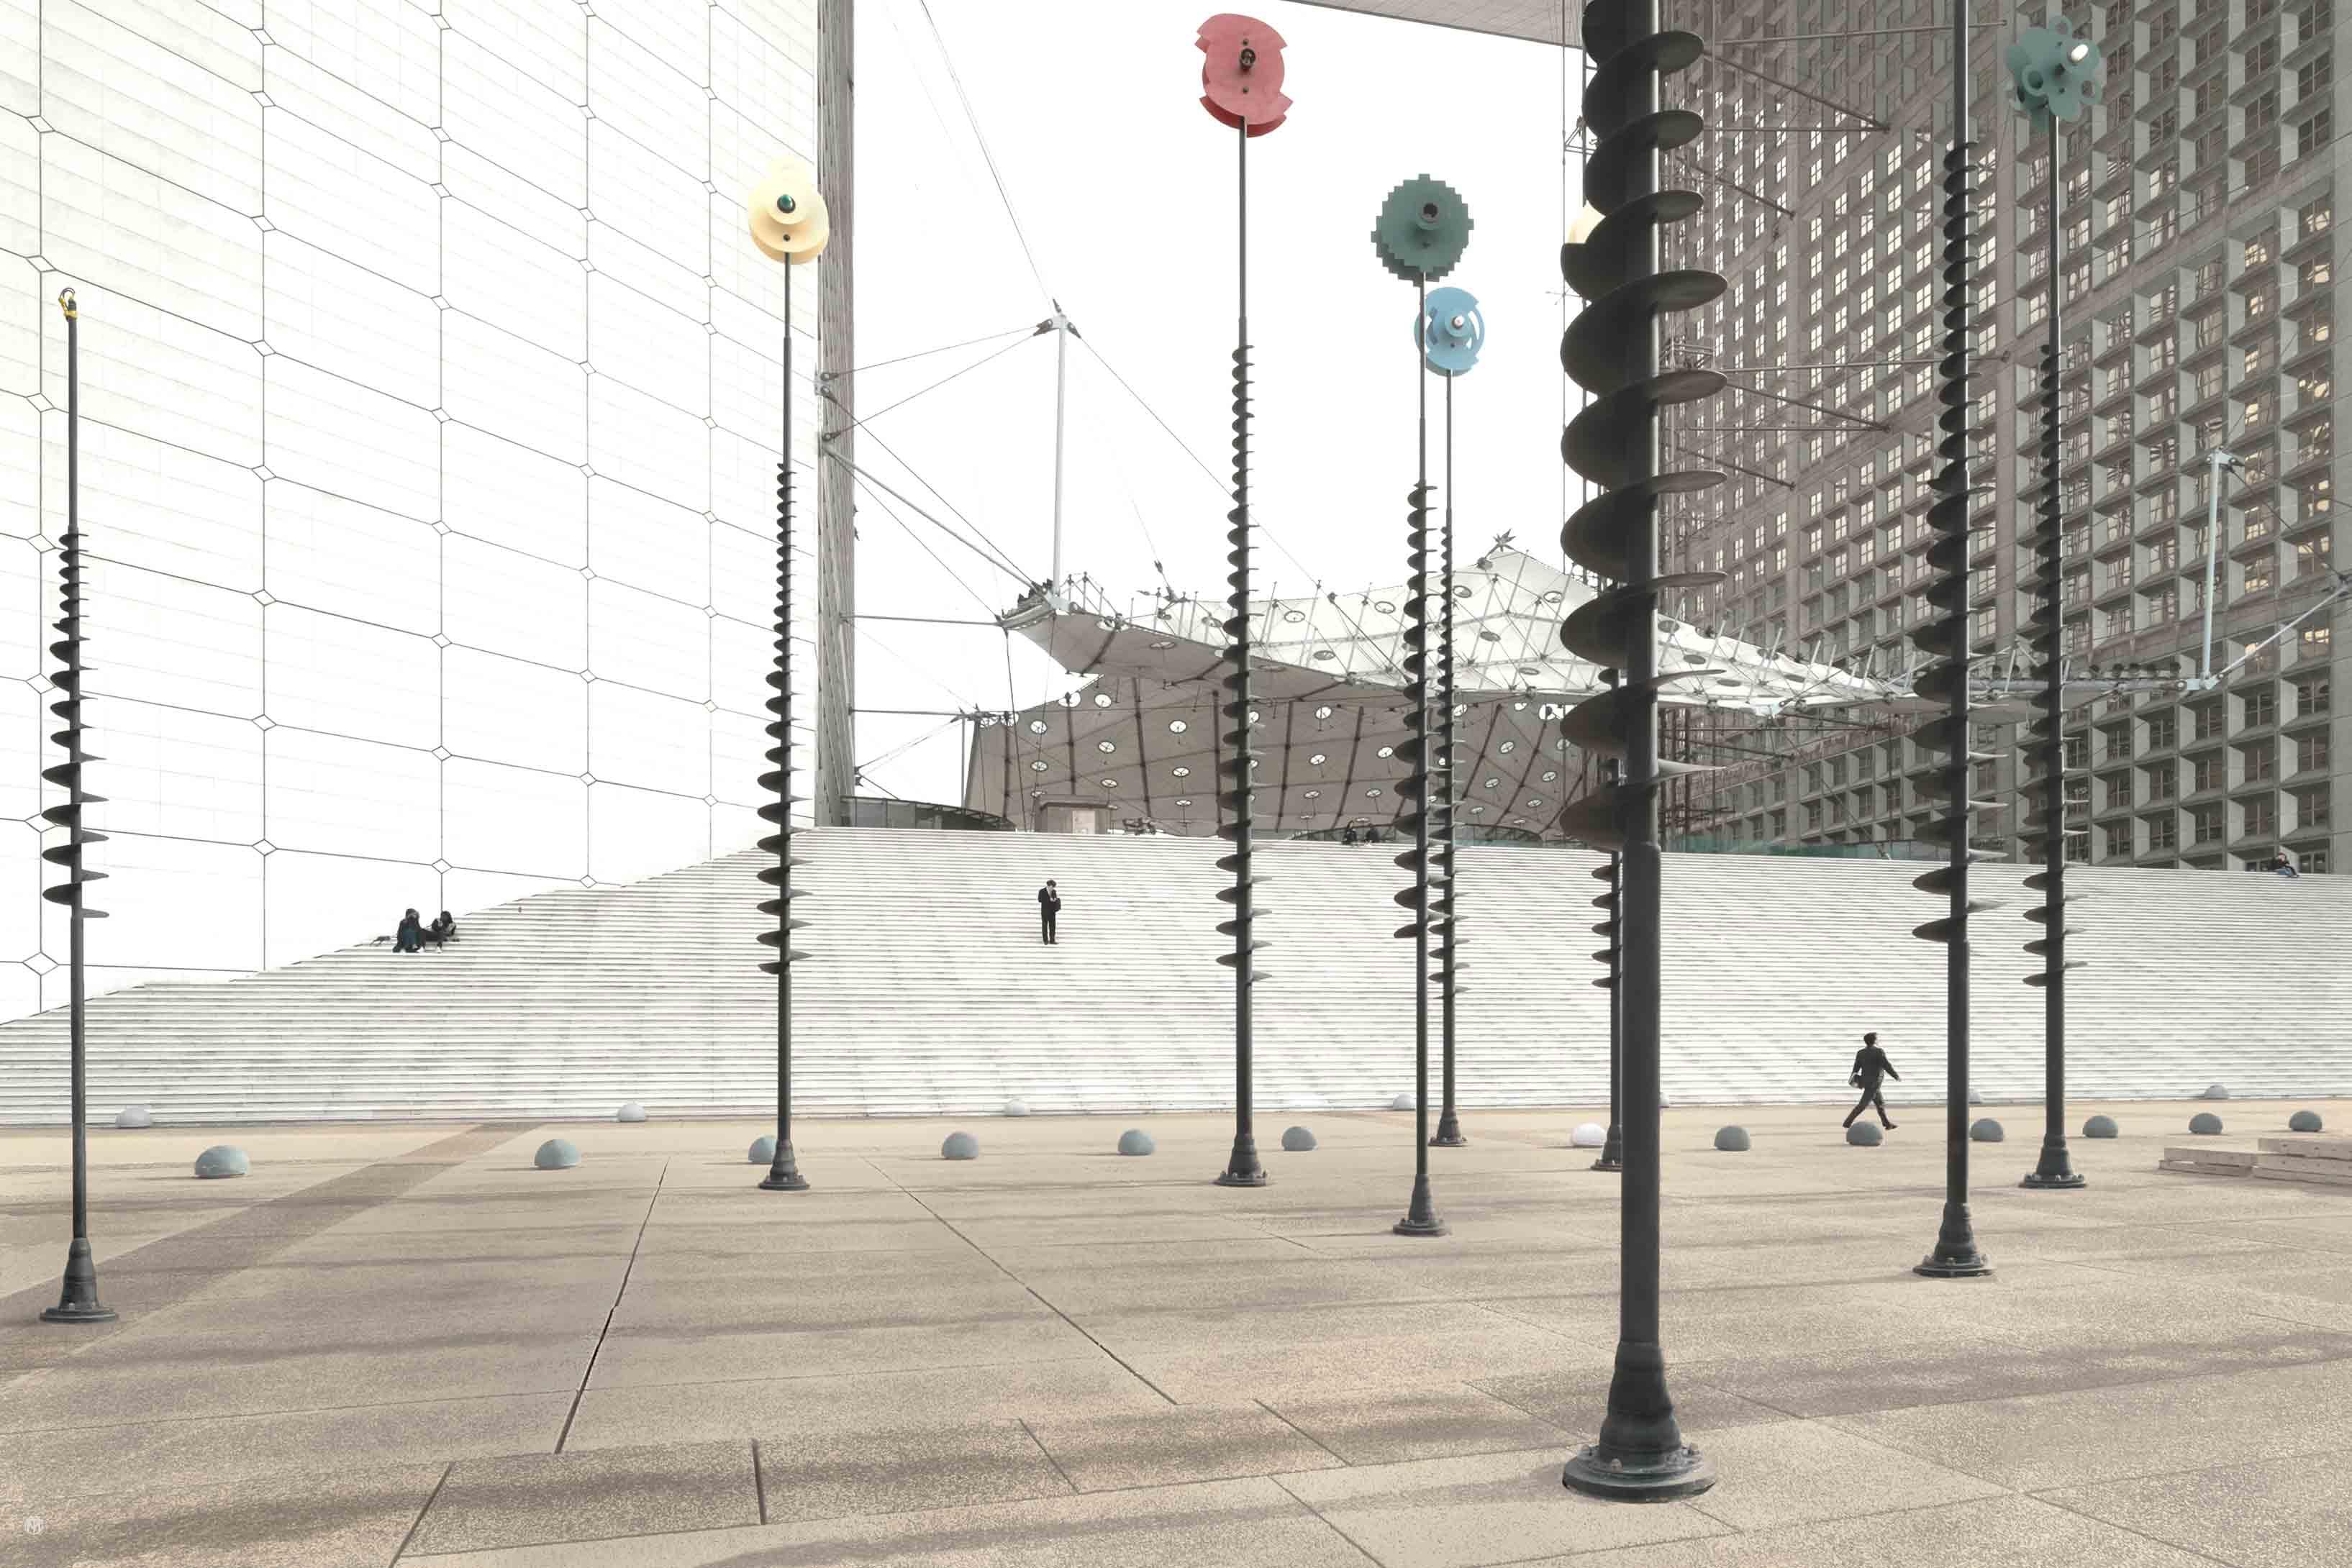 Public-city-1054